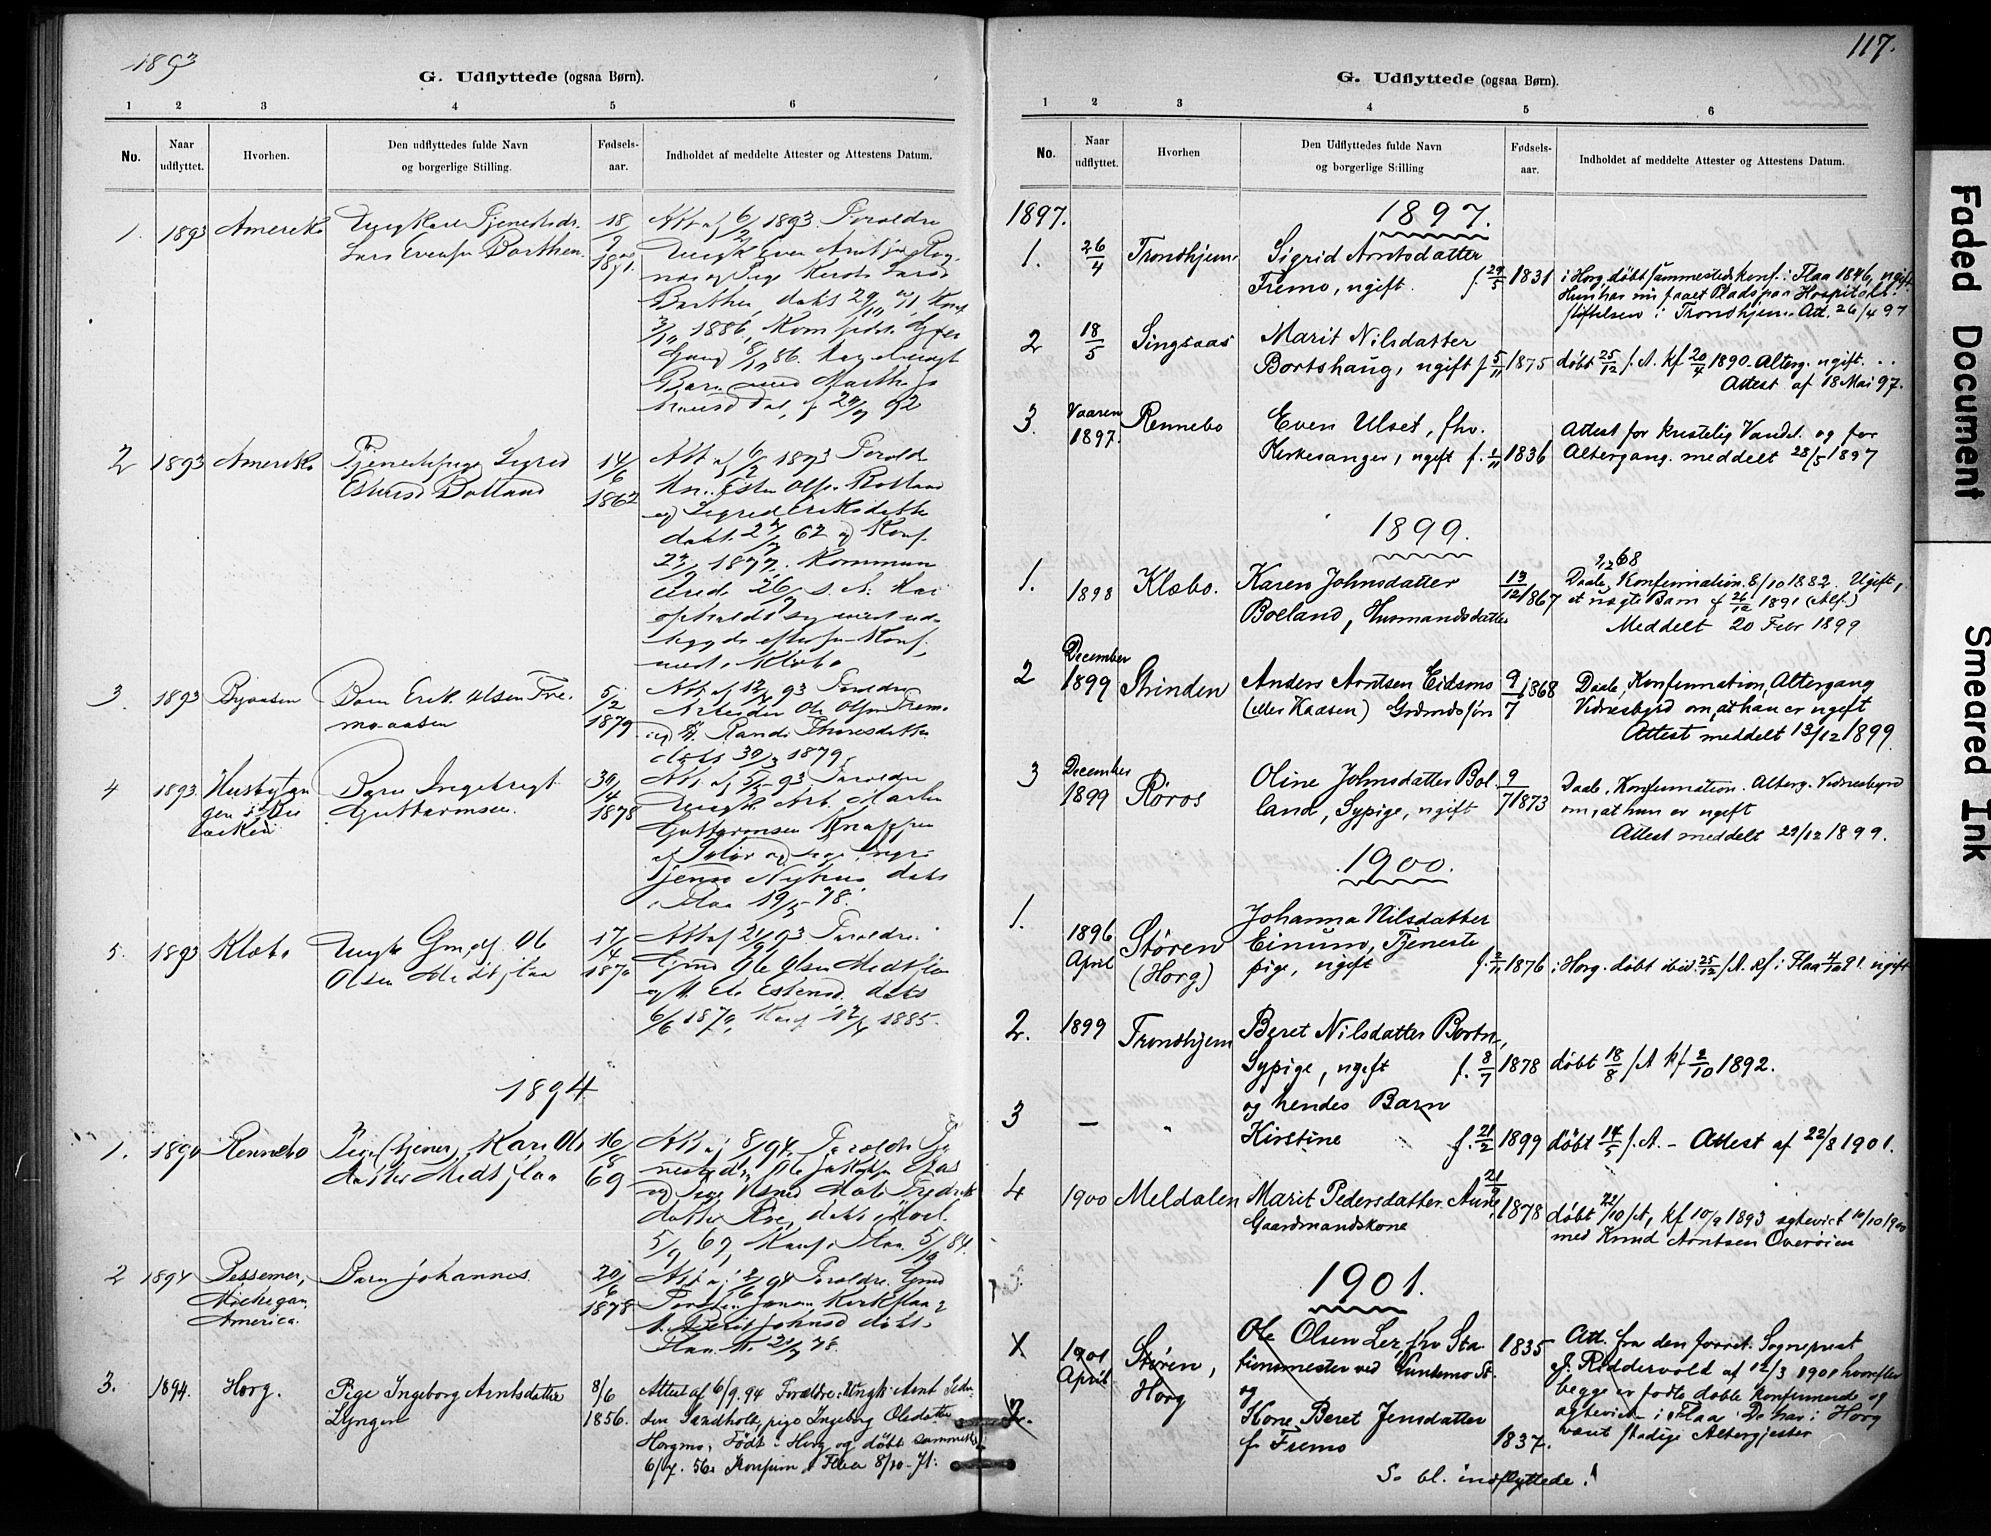 SAT, Ministerialprotokoller, klokkerbøker og fødselsregistre - Sør-Trøndelag, 693/L1119: Ministerialbok nr. 693A01, 1887-1905, s. 117